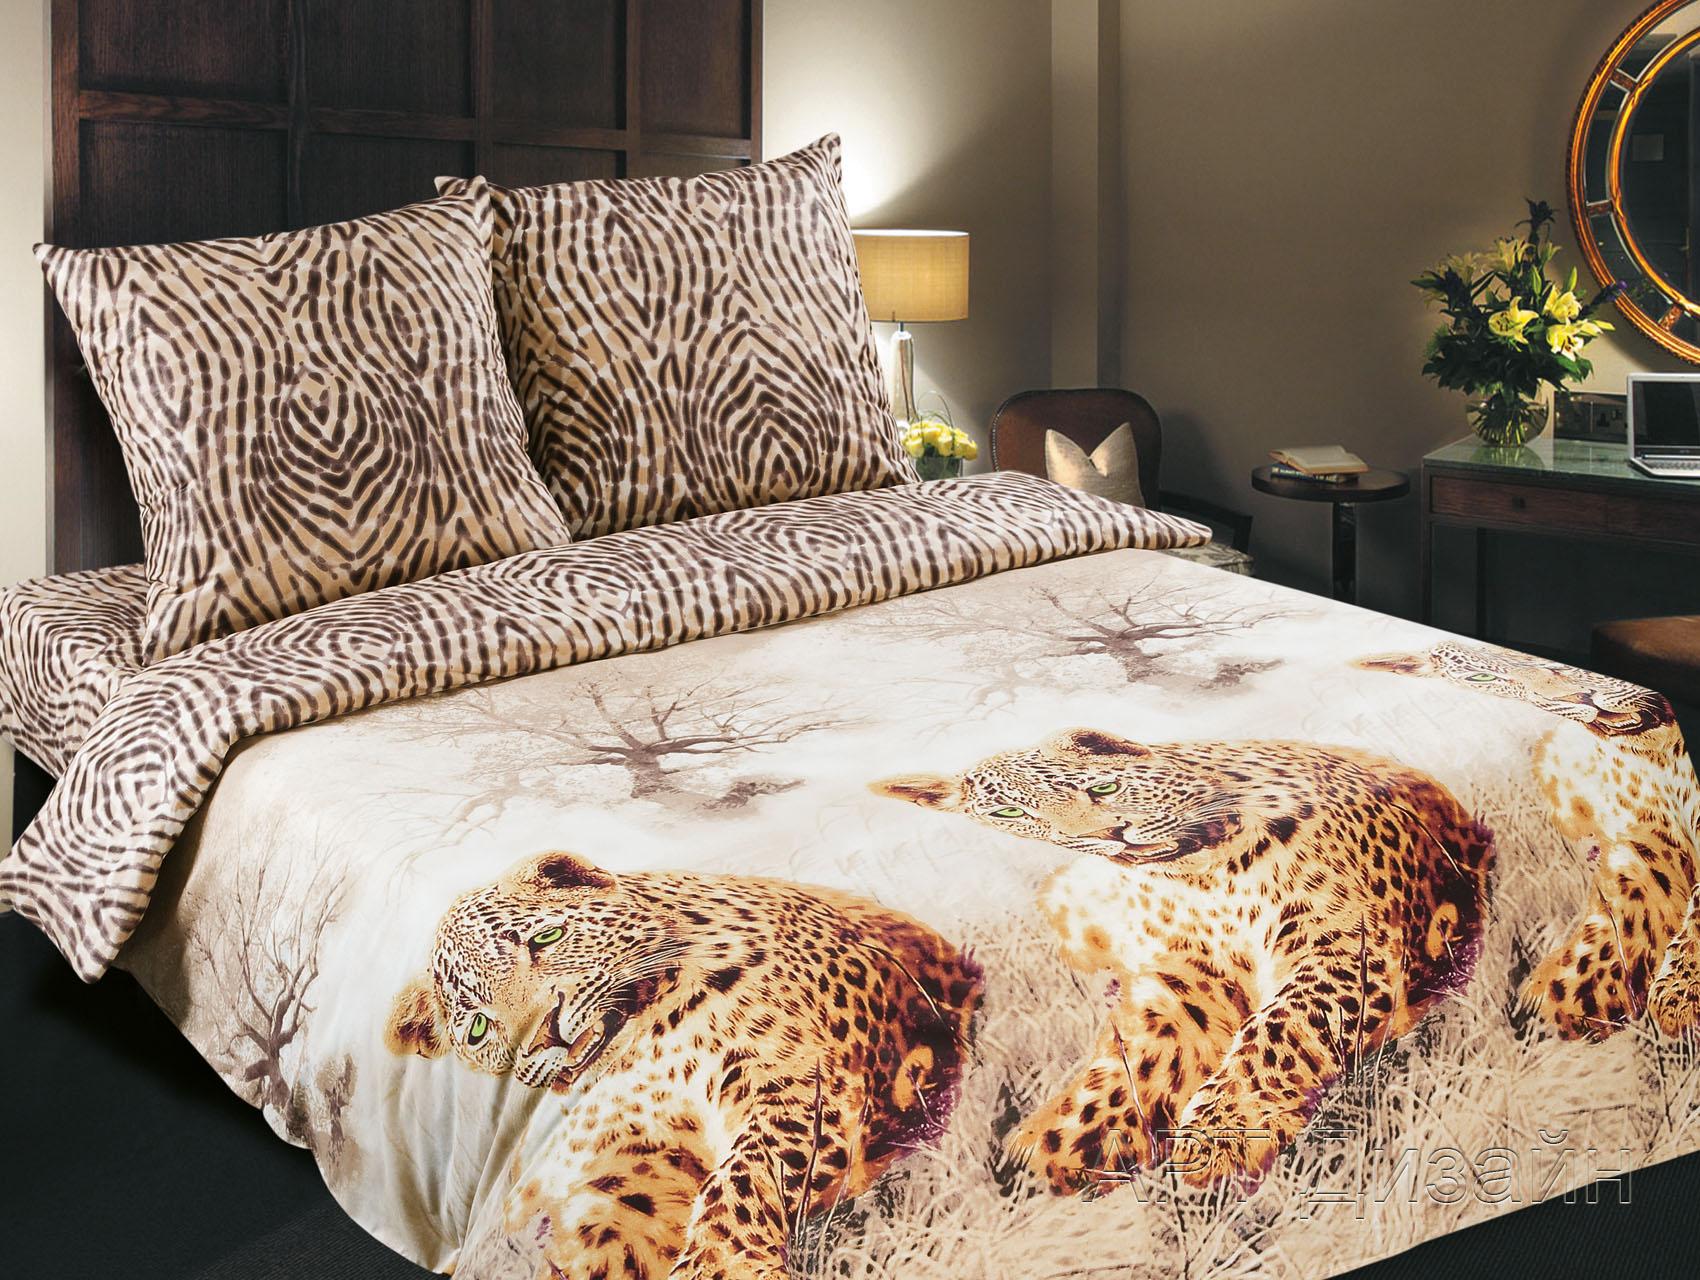 Комплект  Леопарды , размер 1,5-спальный - Постельное белье артикул: 9742